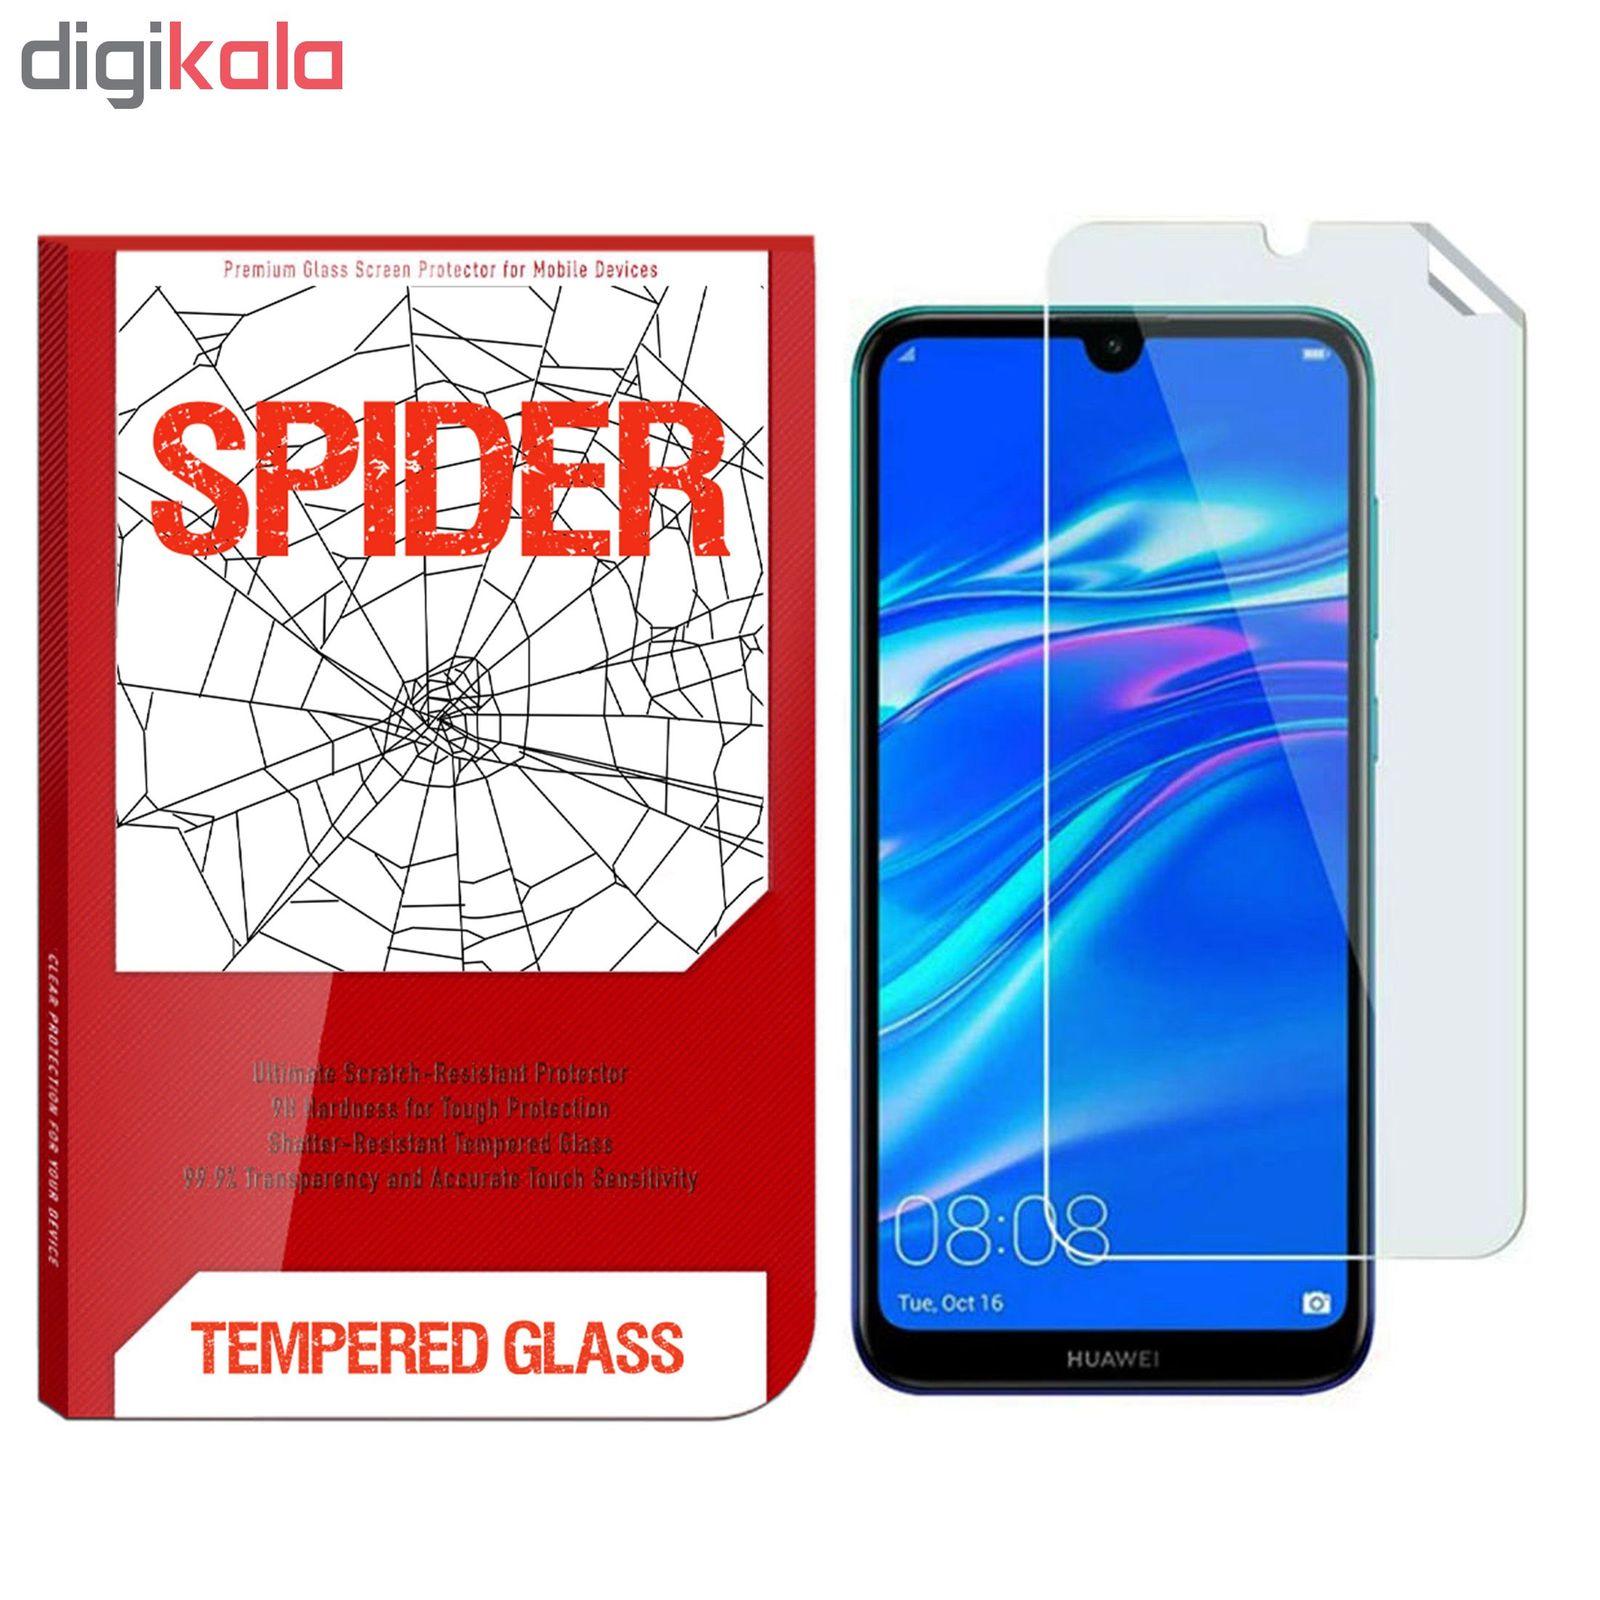 محافظ صفحه نمایش اسپایدر مدل S-PU002 مناسب برای گوشی موبایل هوآوی Y7 Prime 2019 main 1 1